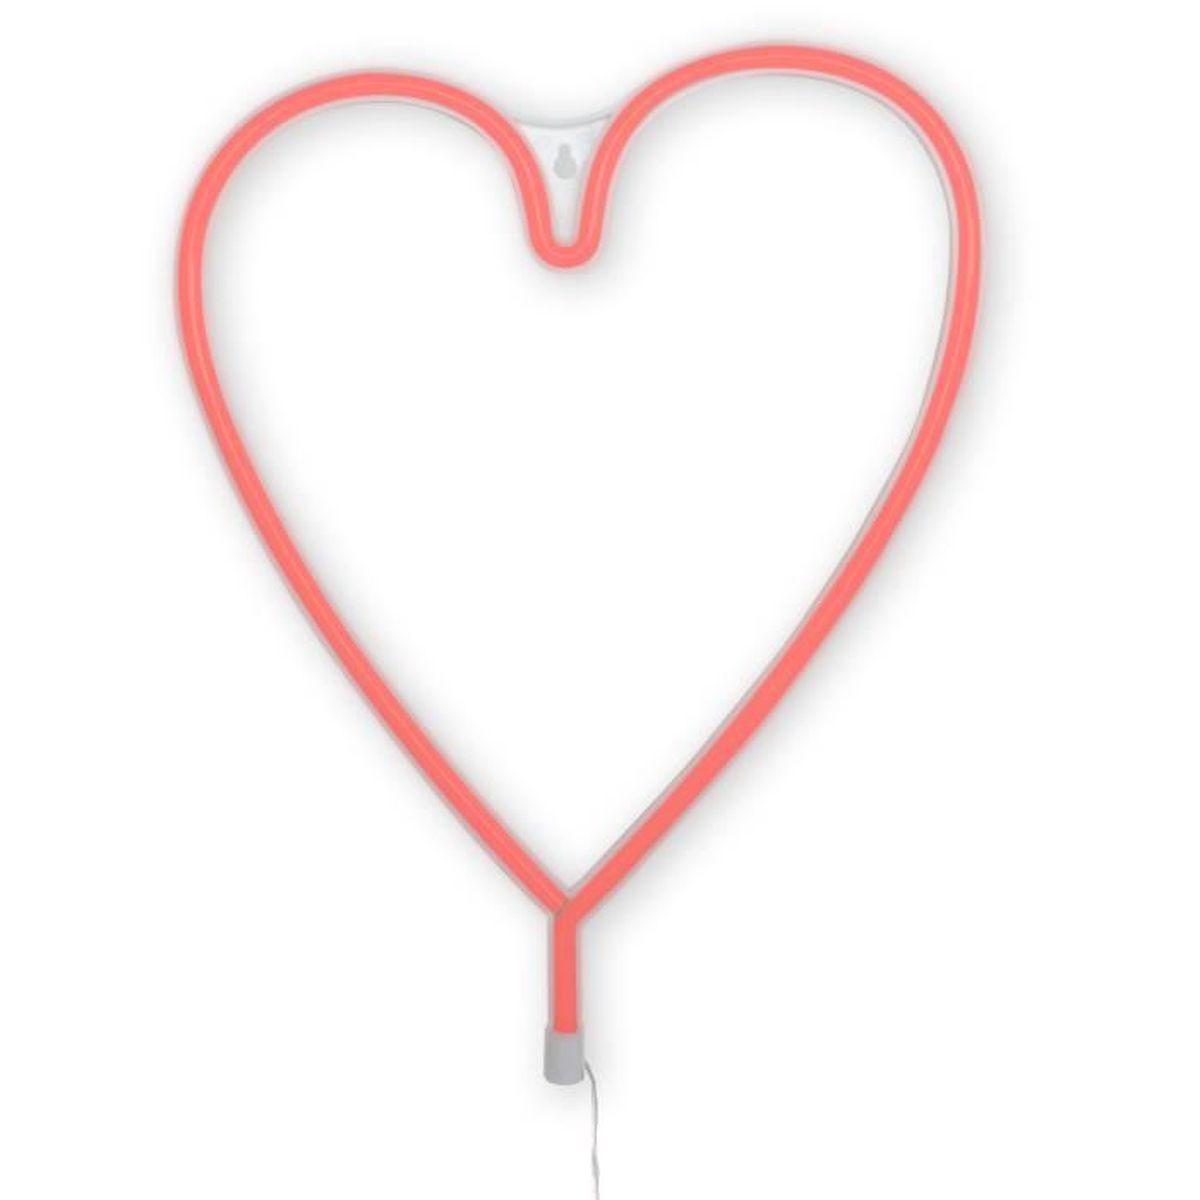 Lampe 36x29cm Néon Achat Dresz Vente Heart Rouge Au n0kOPw